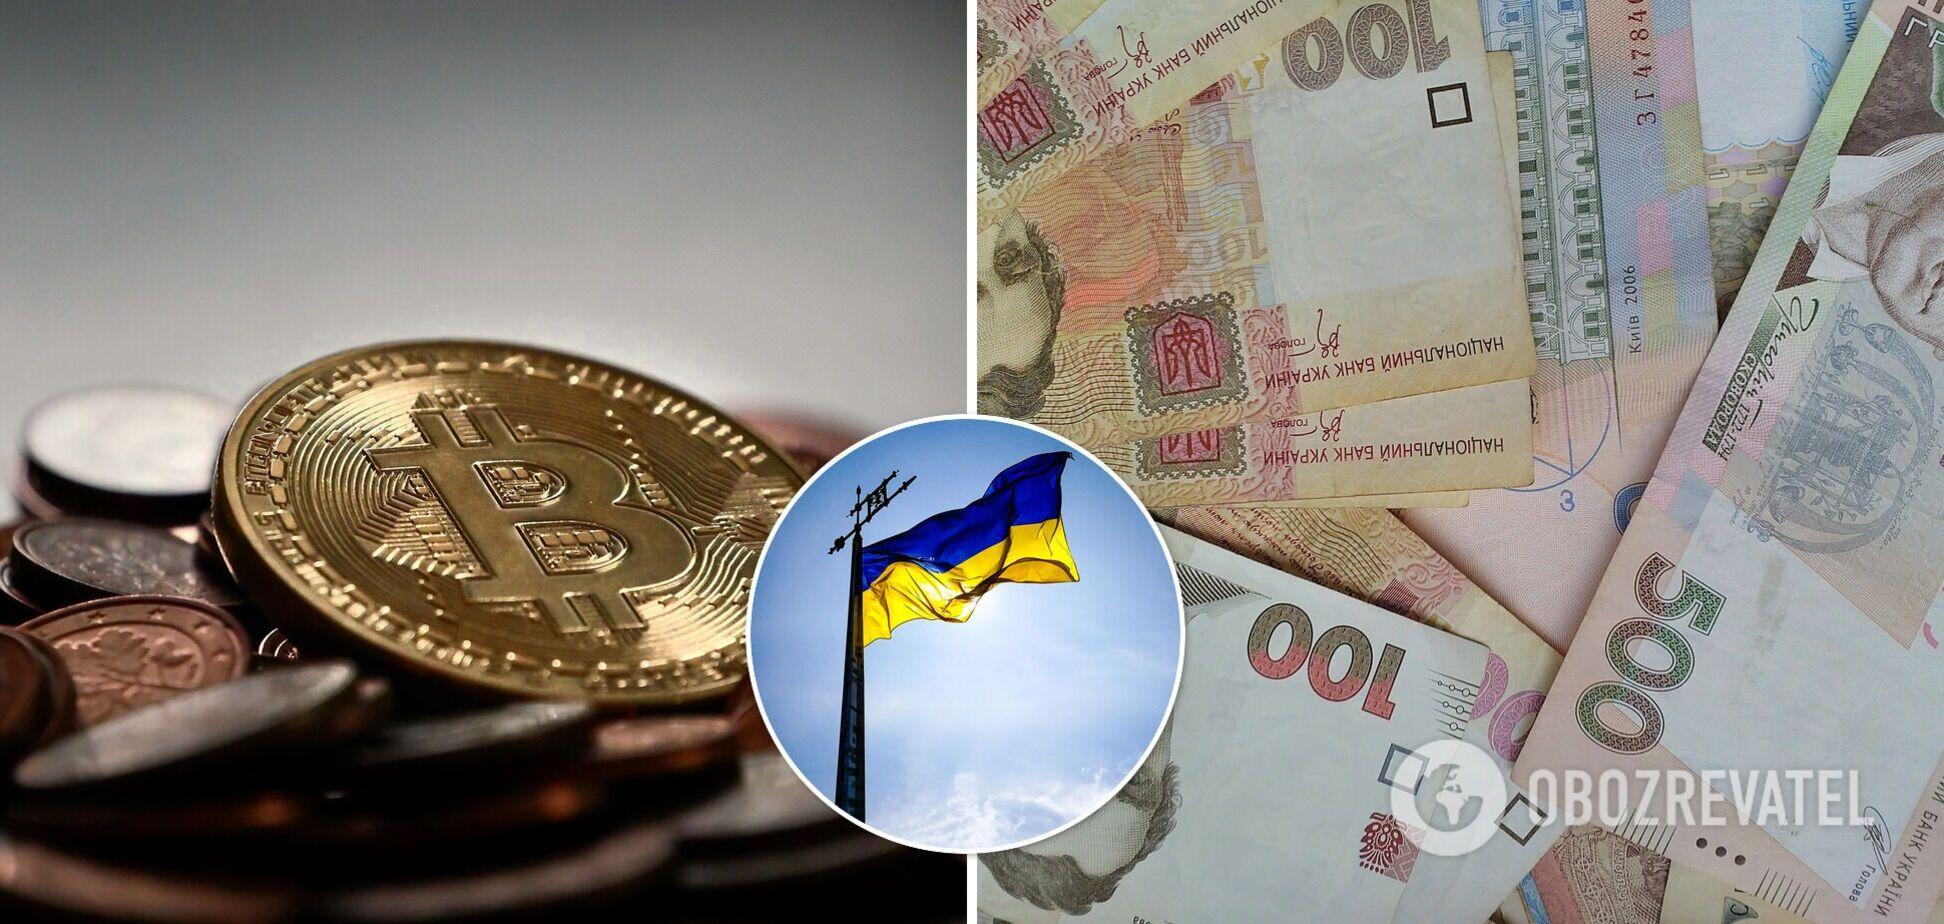 Украина вошла в топ рейтинга использования криптовалют